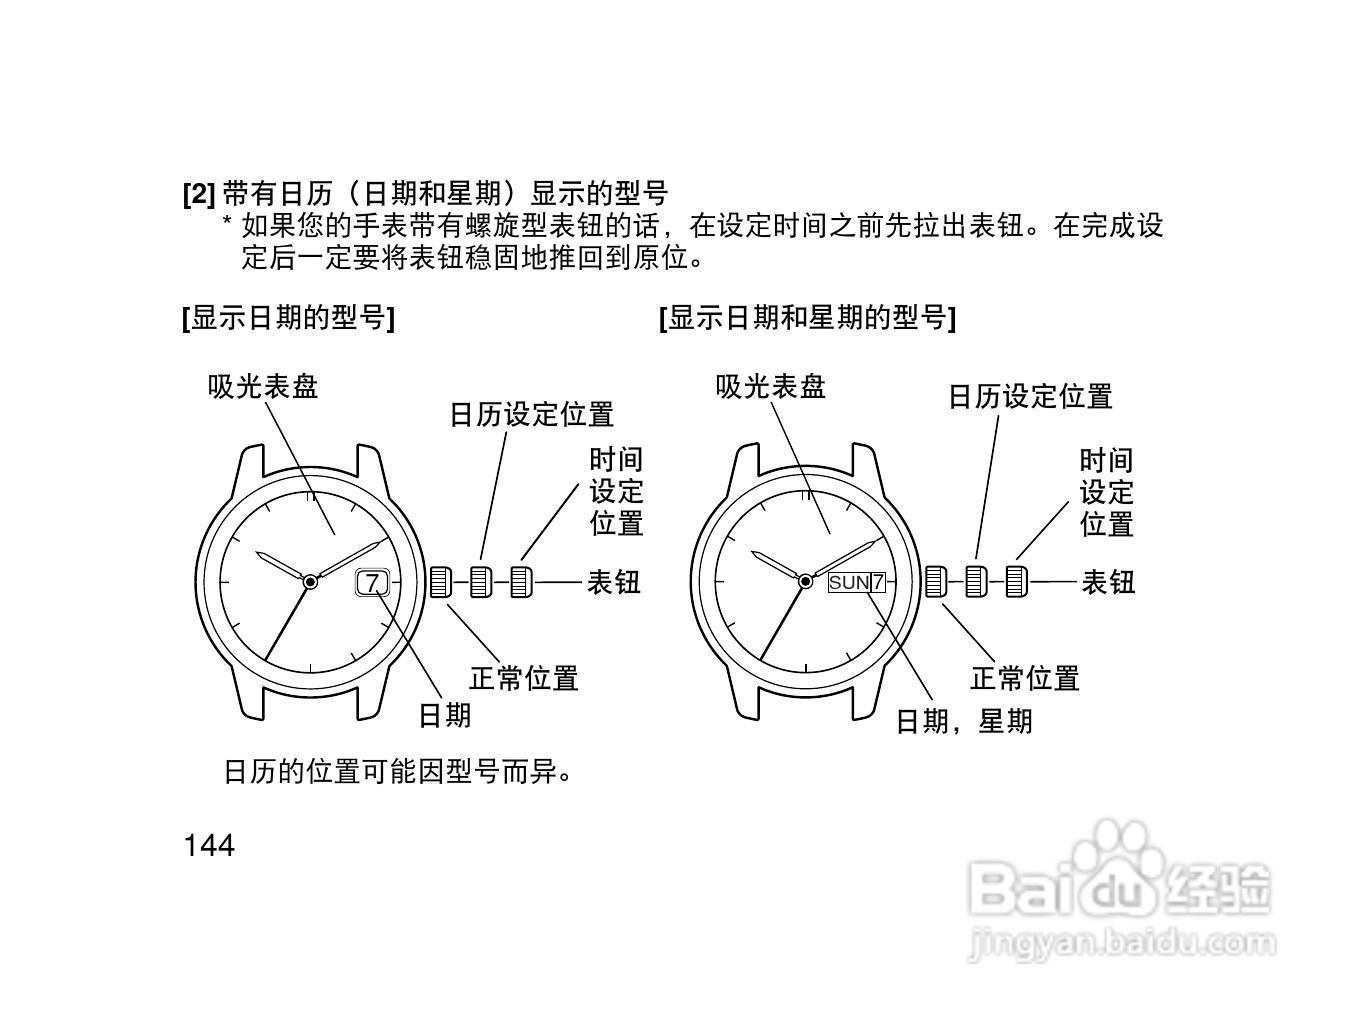 西铁城eg2020-79l光动能女士手表说明书图片